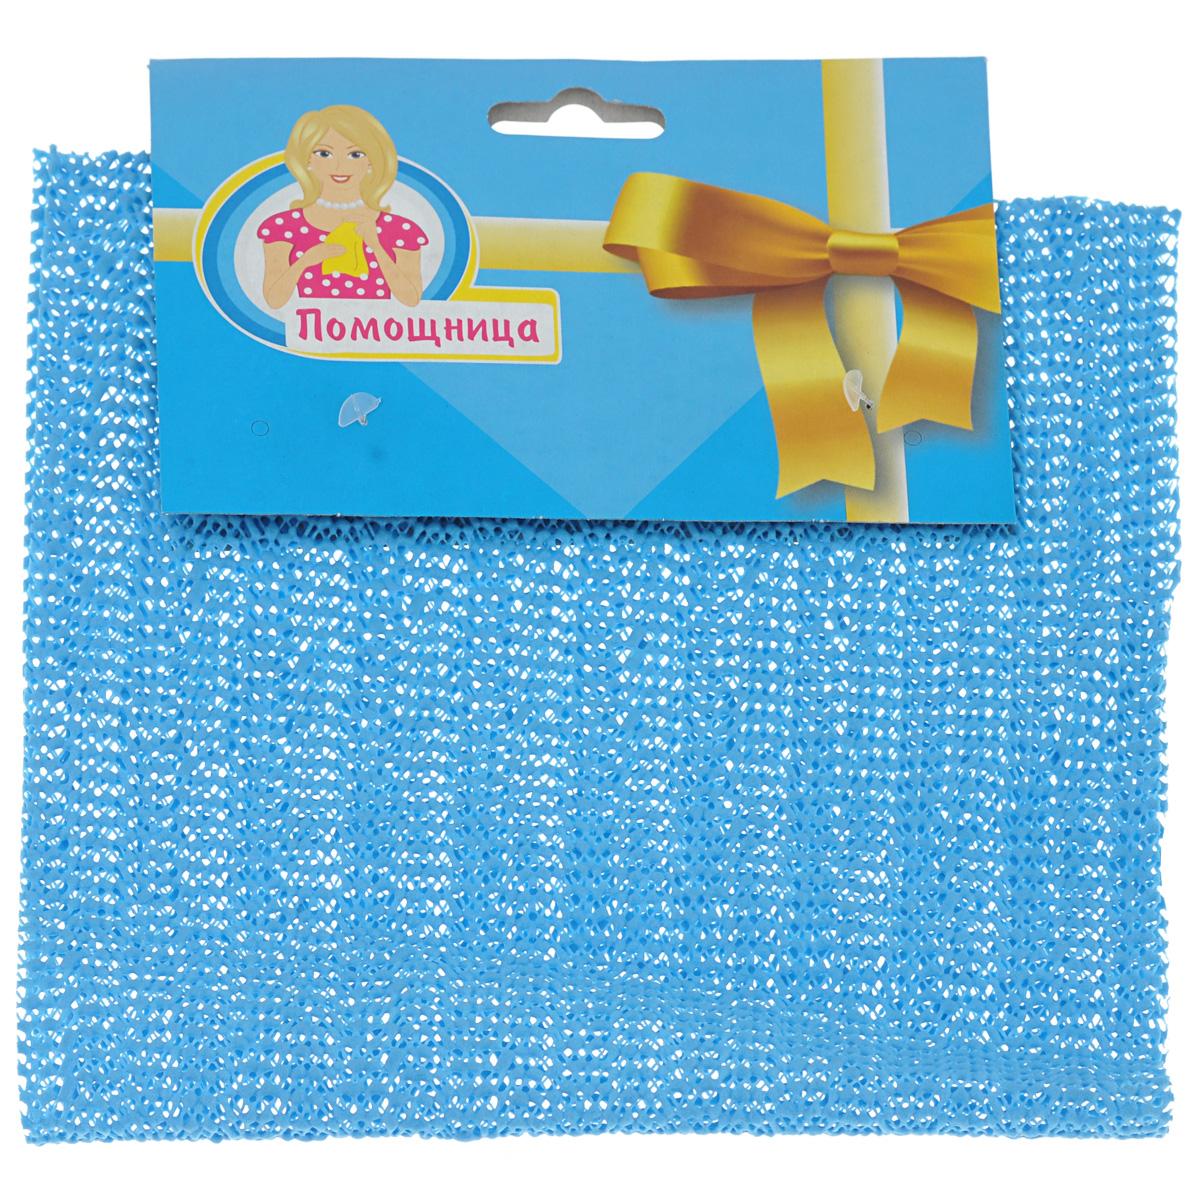 Салфетка для открывания крышек Помощница, цвет: голубой, 40 х 20 см10503Салфетка Помощница изготовлена из ПВХ и предназначена для открывания крышек. Противоскользящий материал изделия и мелкая перфорация помогут вам без труда открыть любую крышку. Салфетка Помощница станет незаменимым помощником для любой хозяйки!Размер: 40 х 20 см.